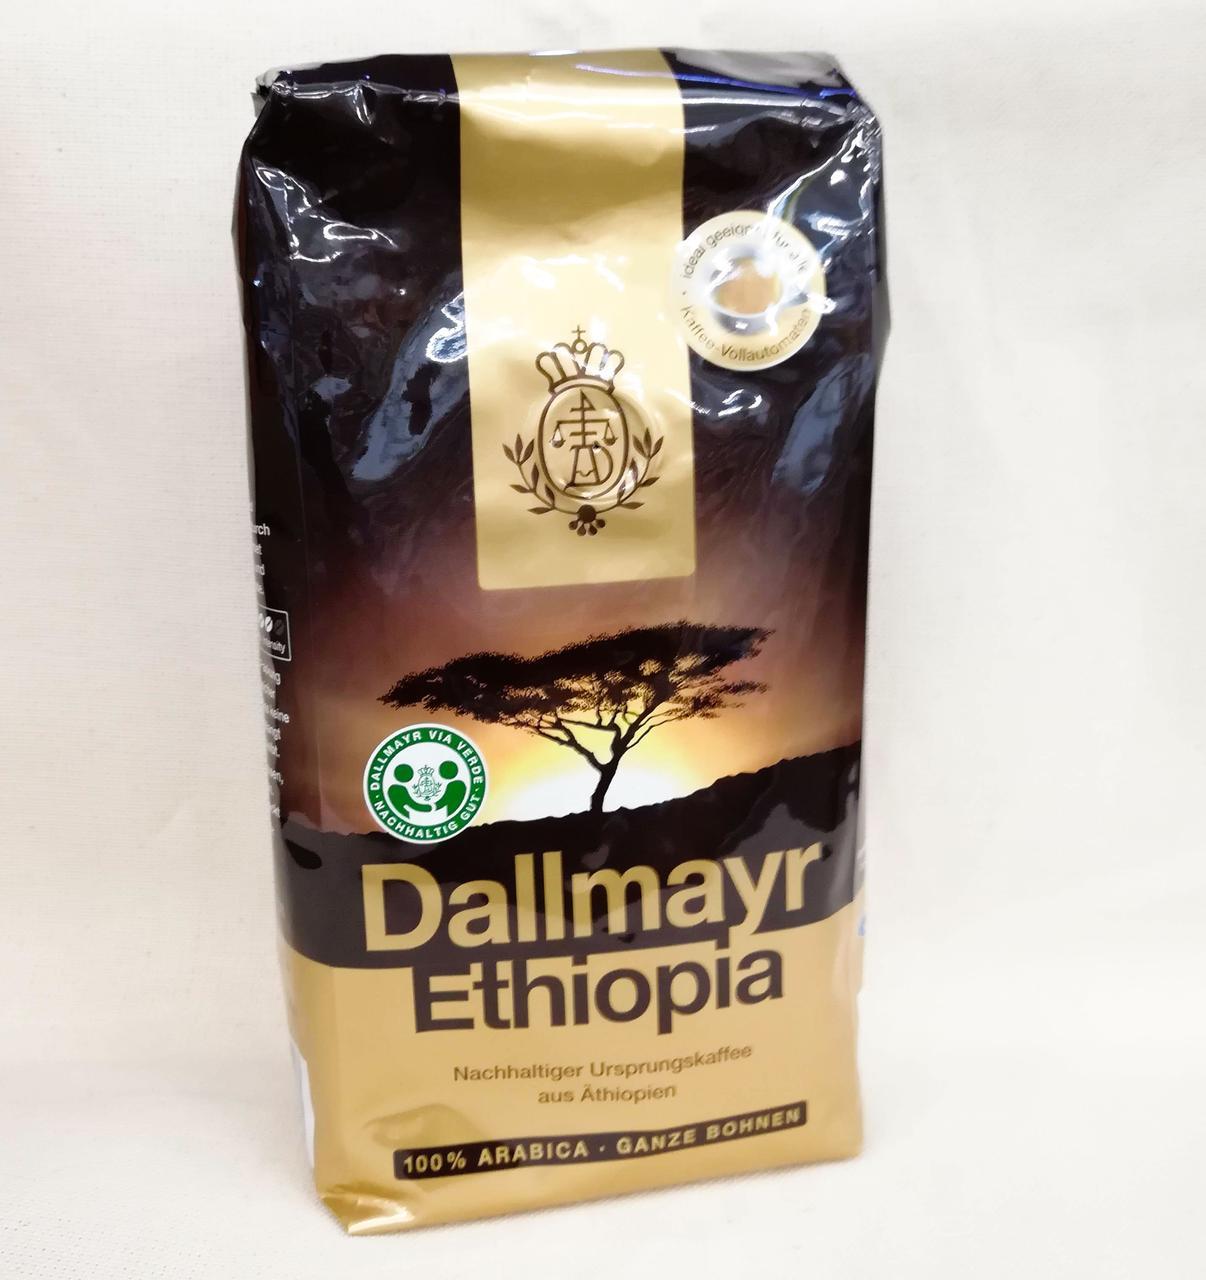 Dallmayr Ethiopia ganze bohnen